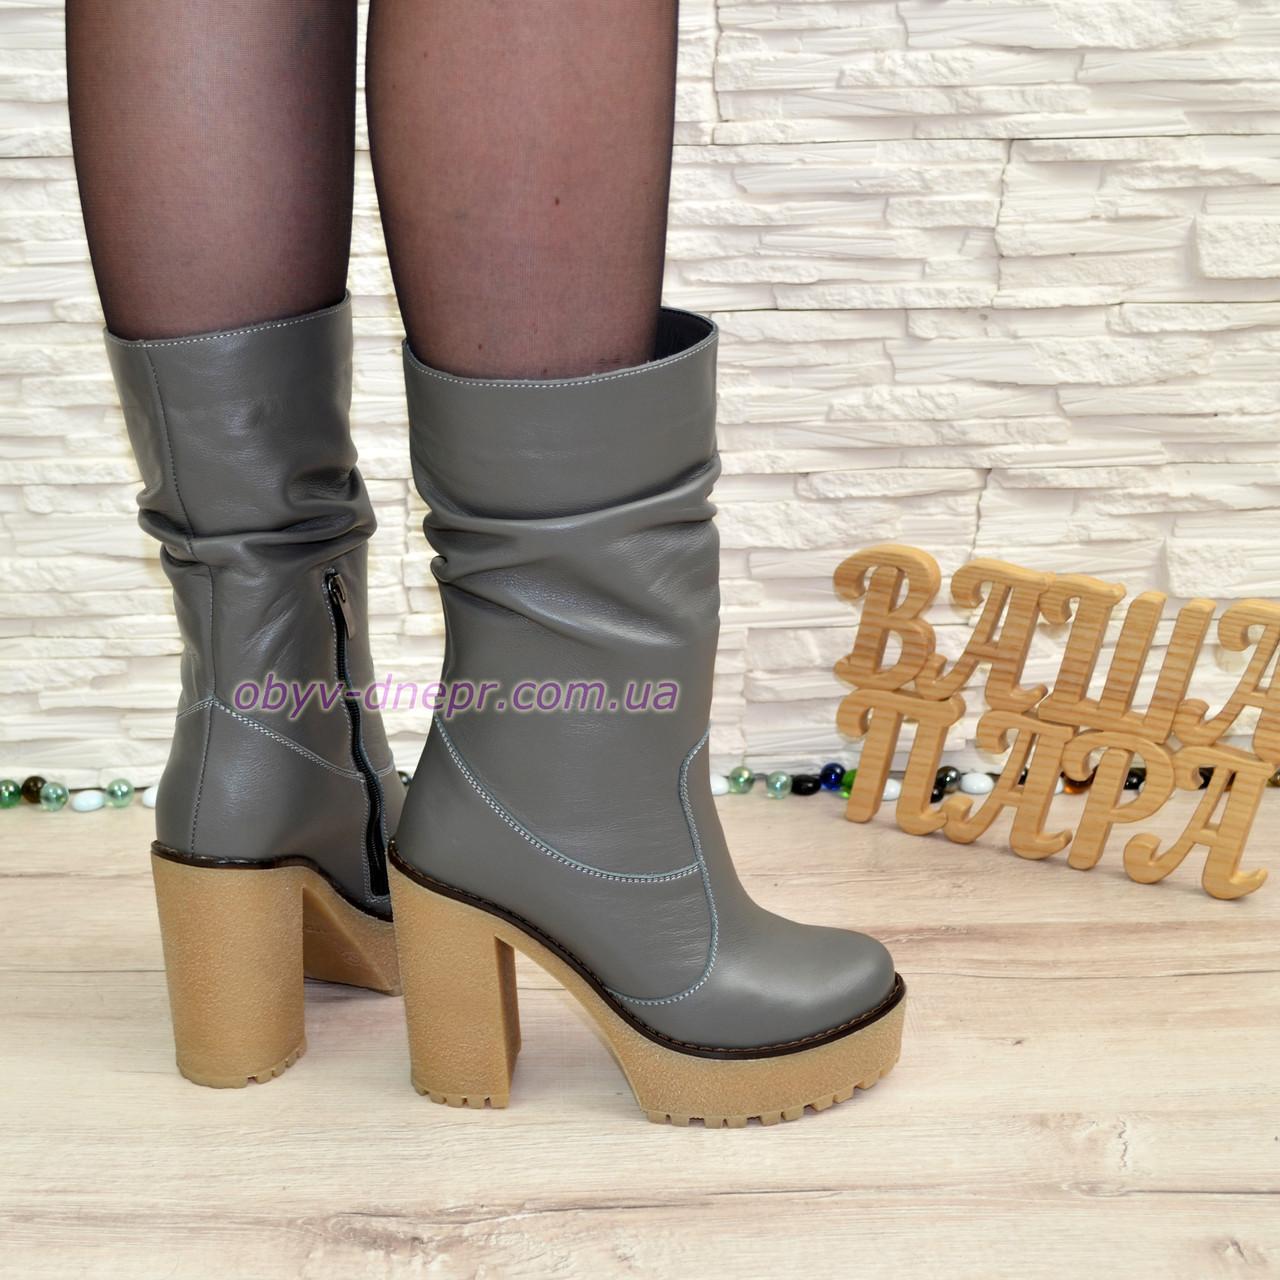 Ботинки кожаные демисезонные на высоком каблуке, цвет серый.